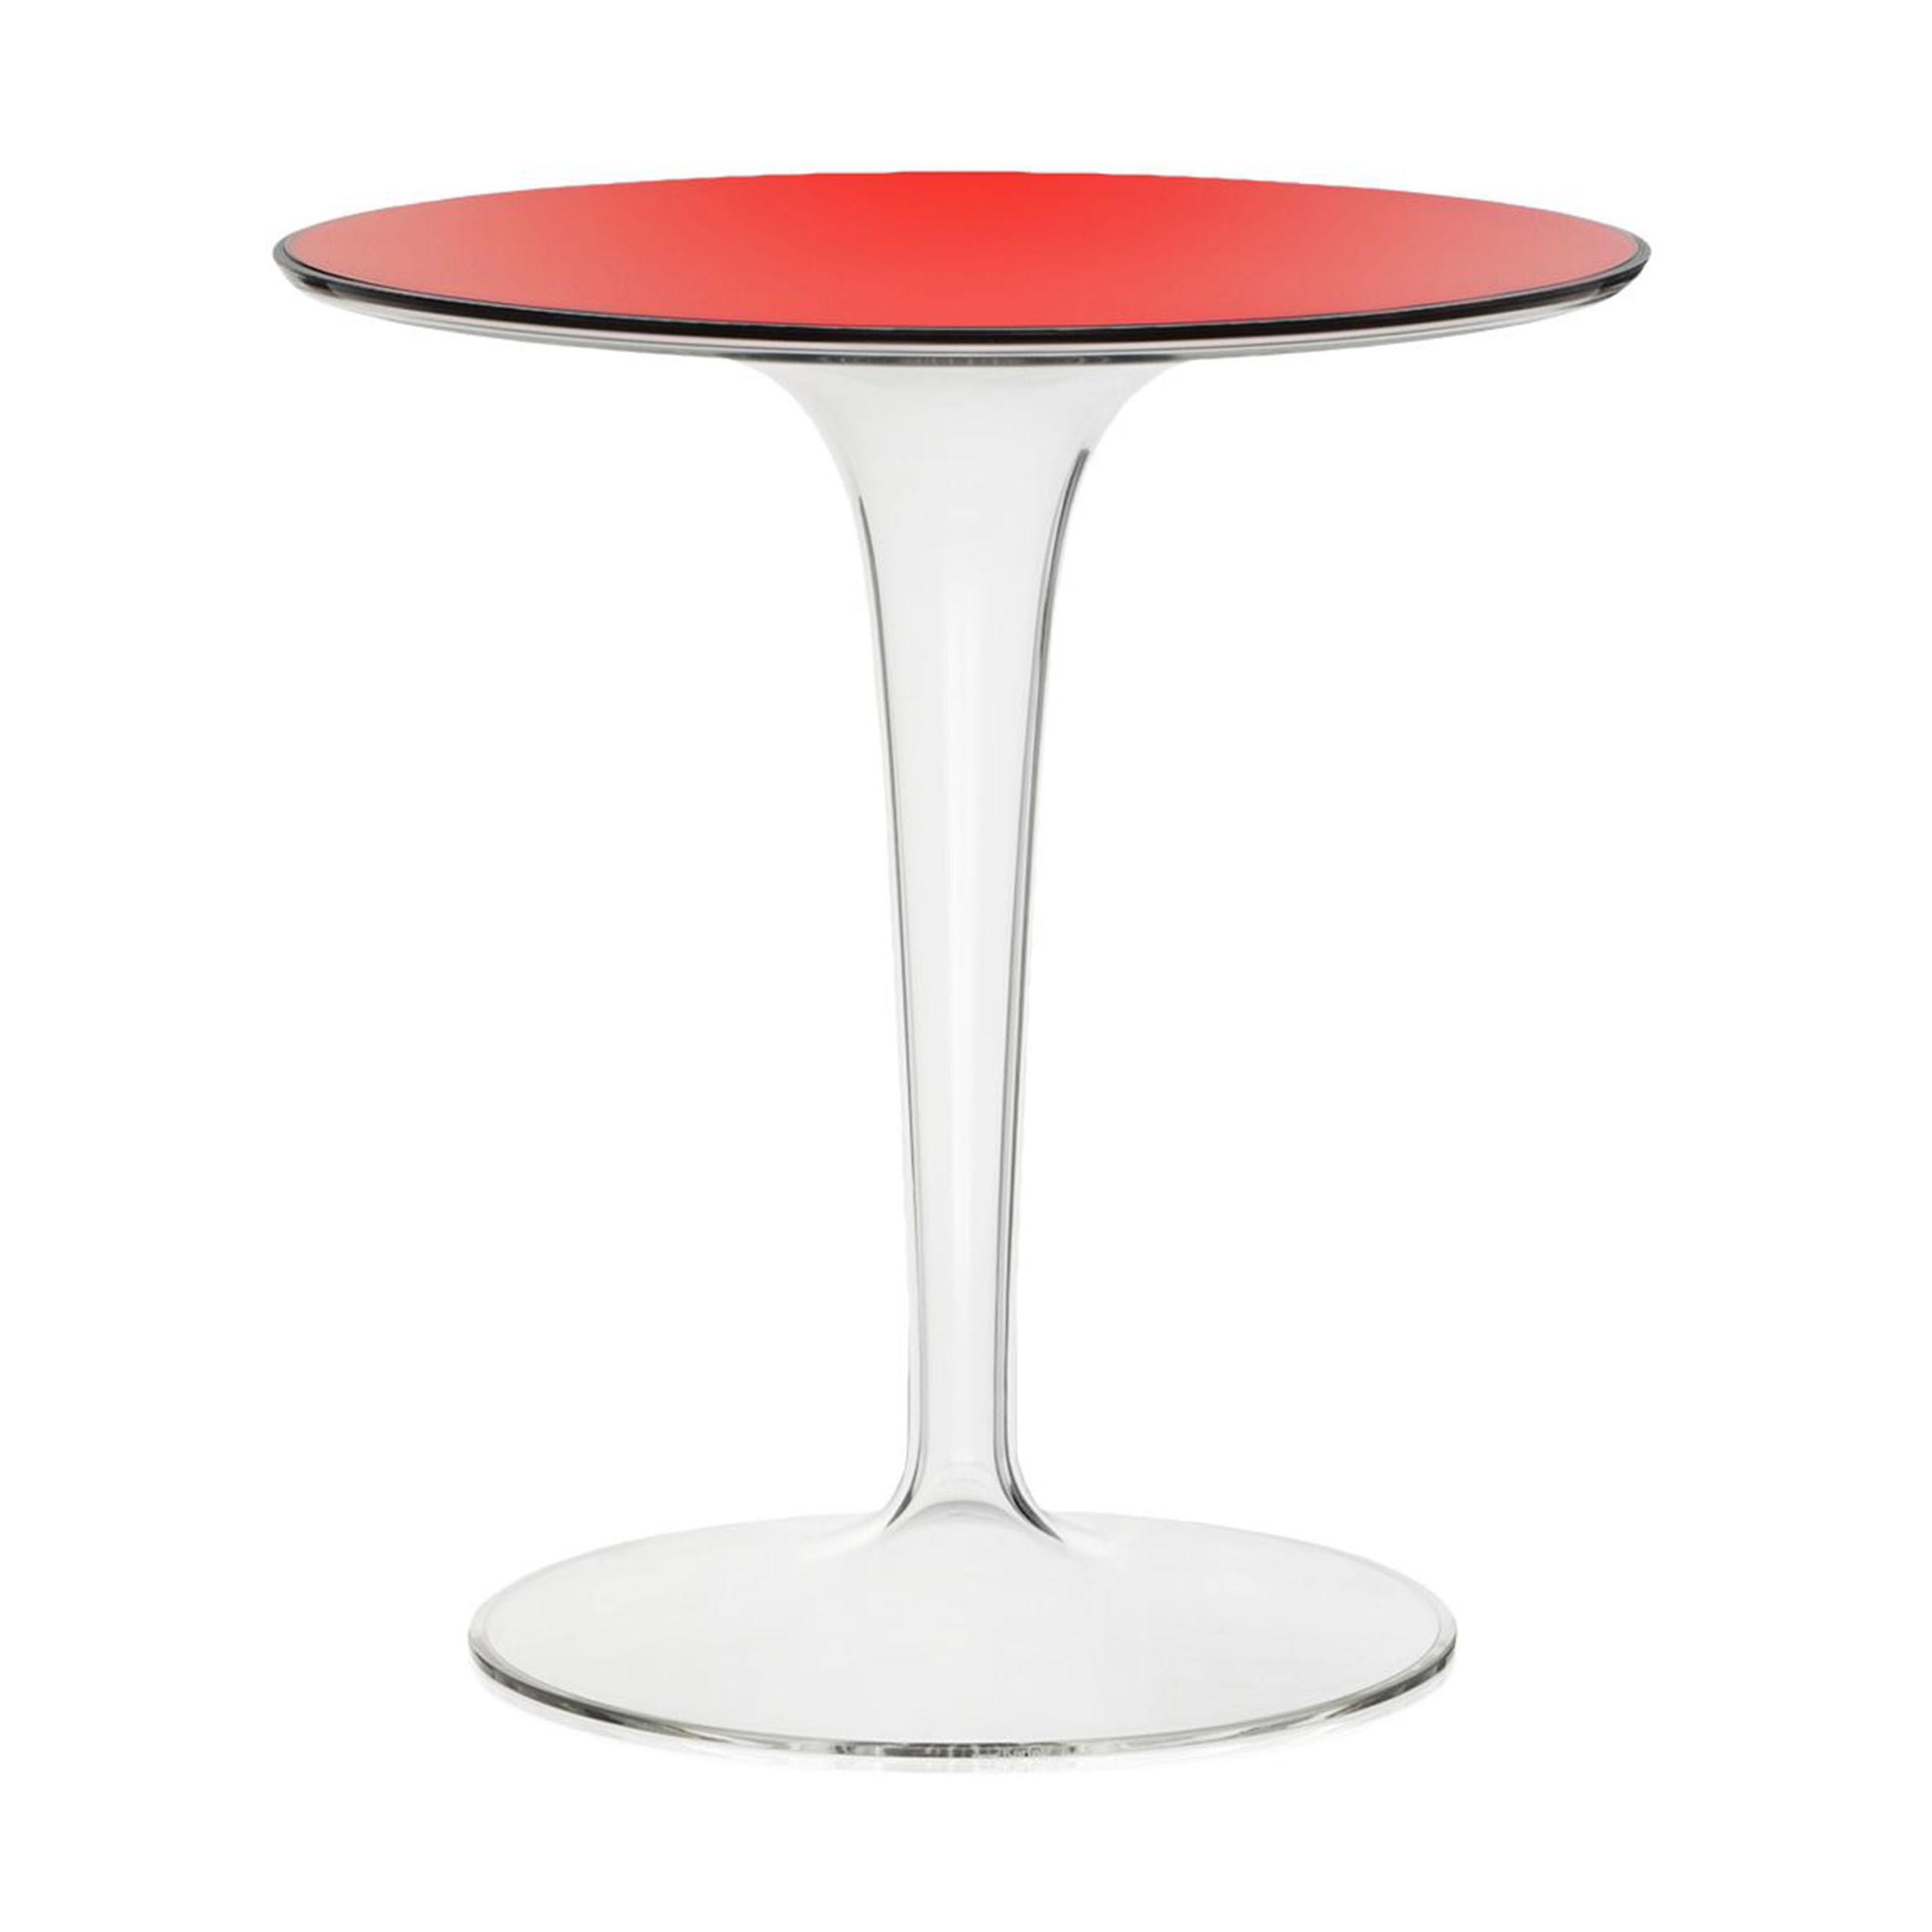 tiptop beistelltisch rot online kaufen bei. Black Bedroom Furniture Sets. Home Design Ideas